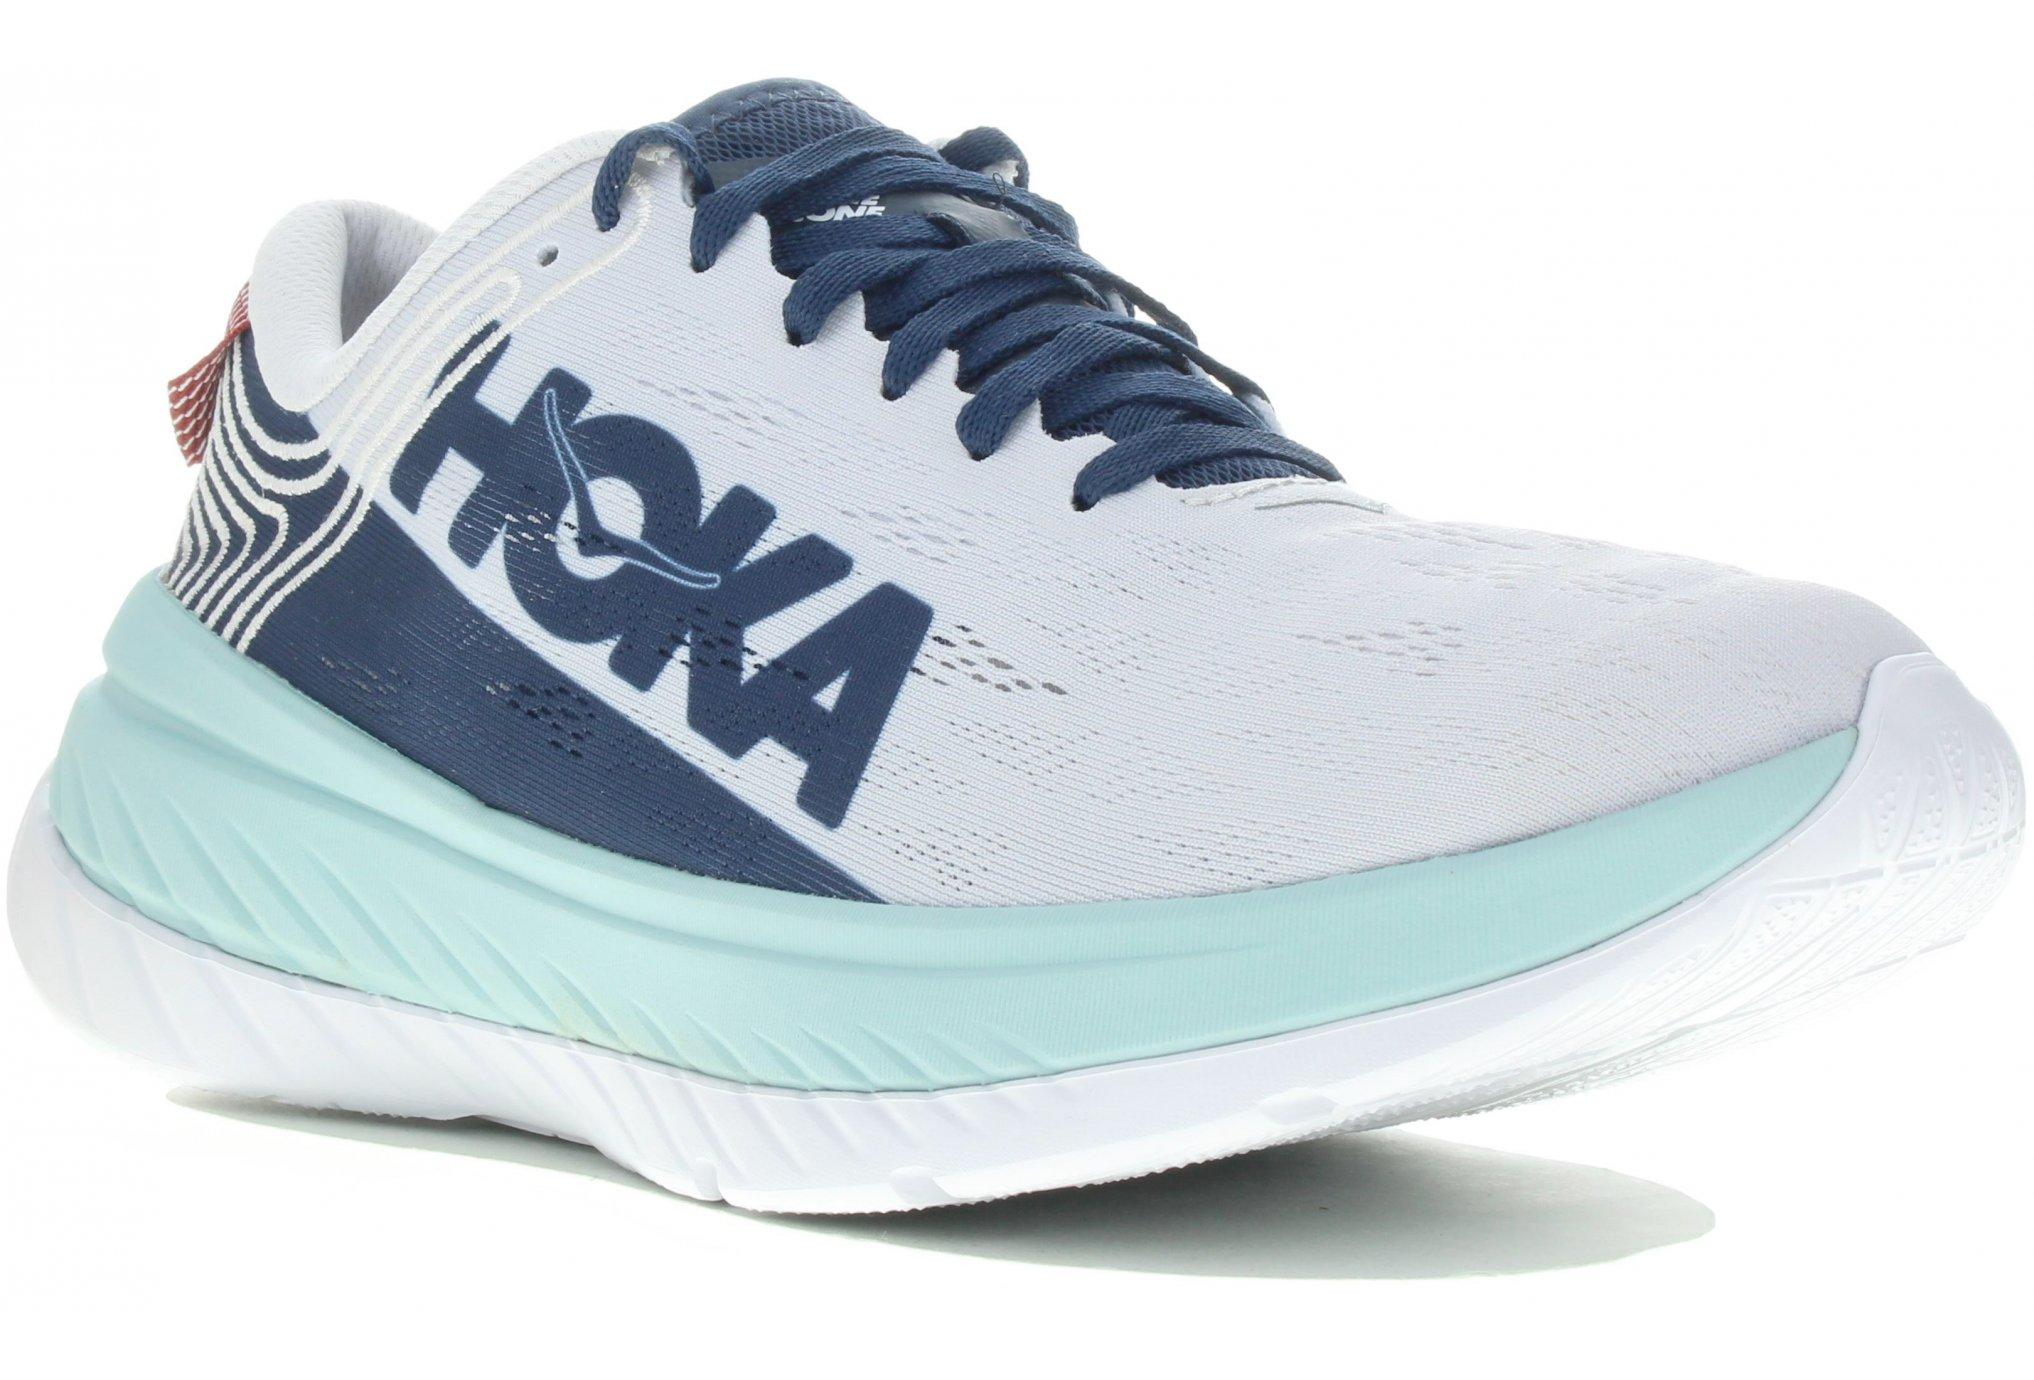 Hoka One One Carbon X M Diététique Chaussures homme